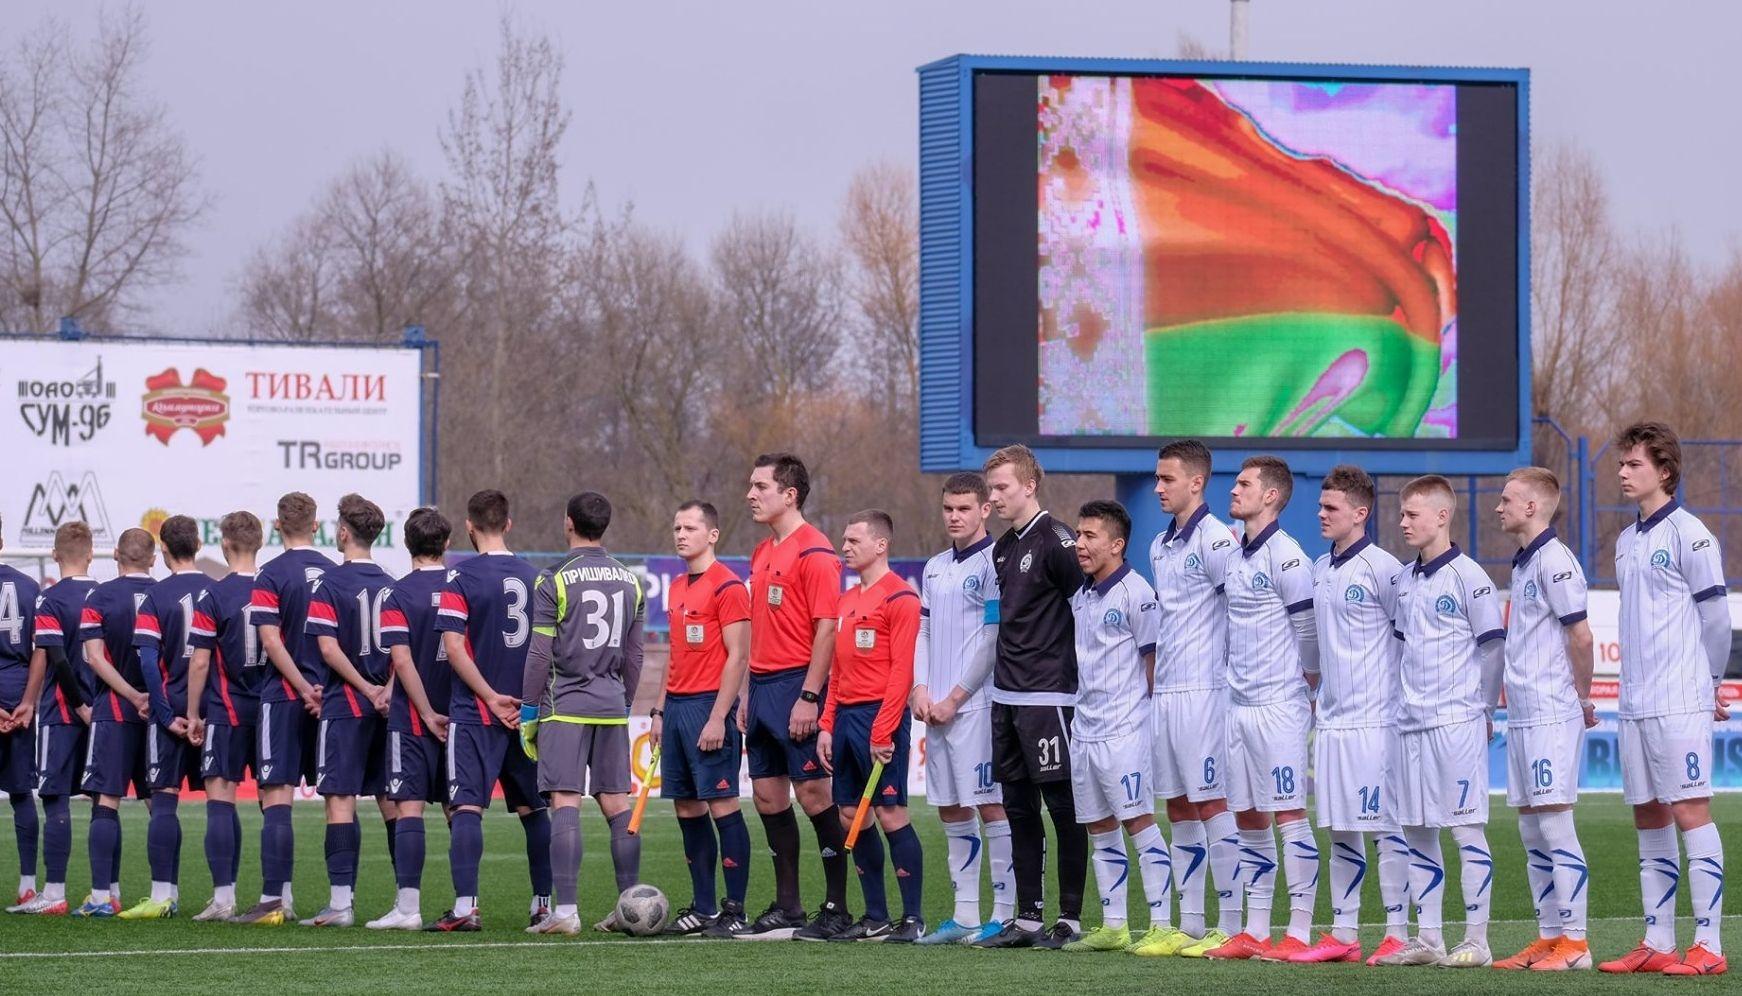 Вторият кръг в Премиер лигата на Беларус продължава със столичното